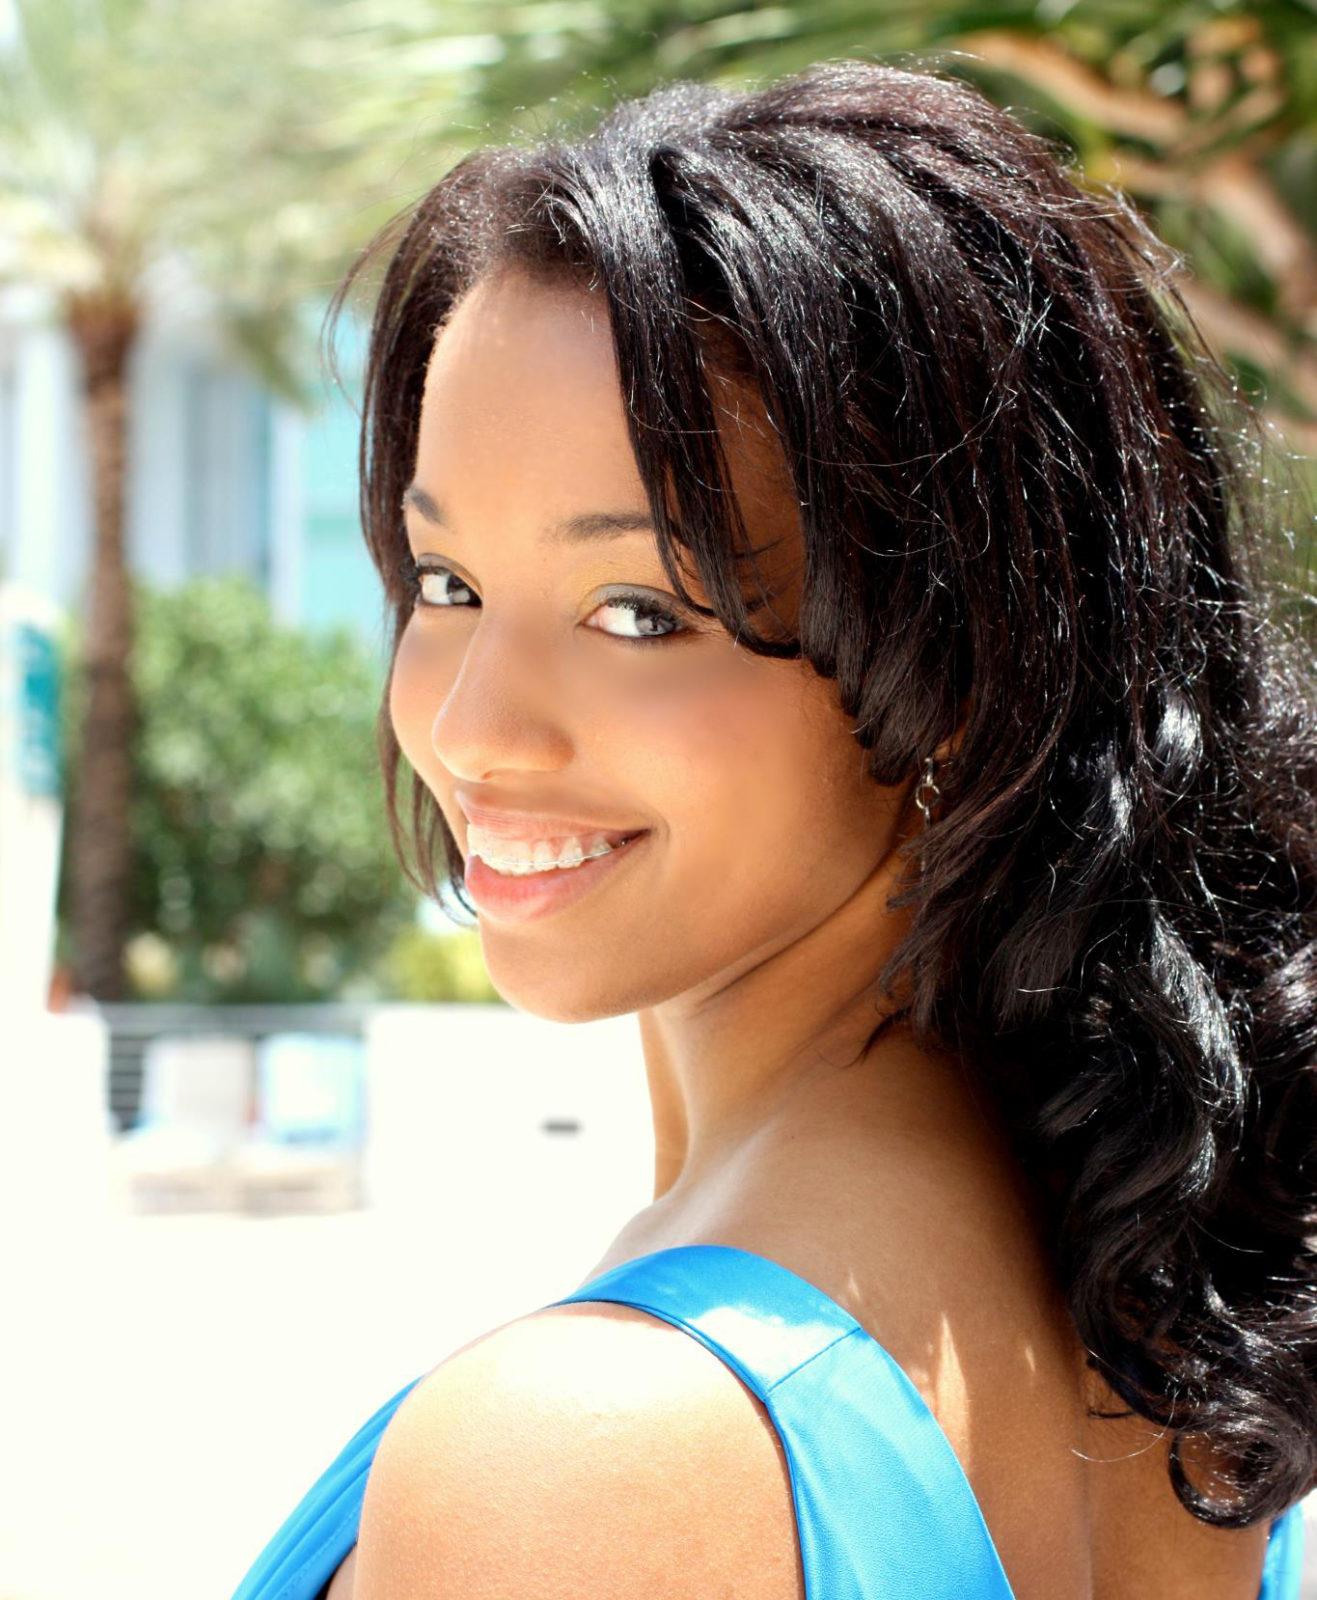 Amisha Nicole